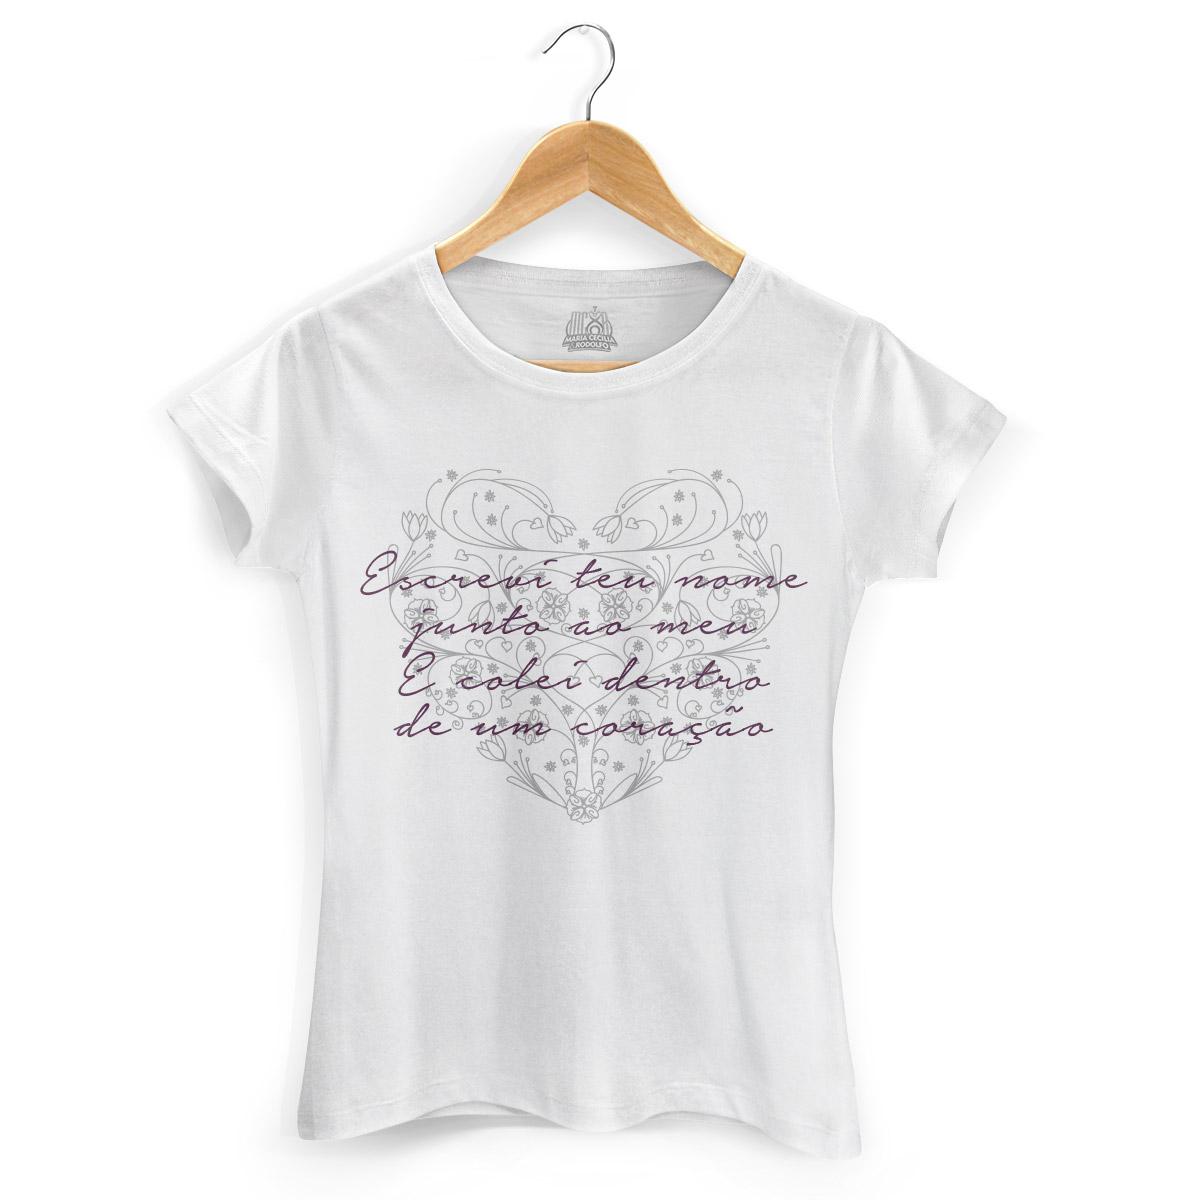 Camiseta Feminina Maria Cecília & Rodolfo Escrevi Teu Nome